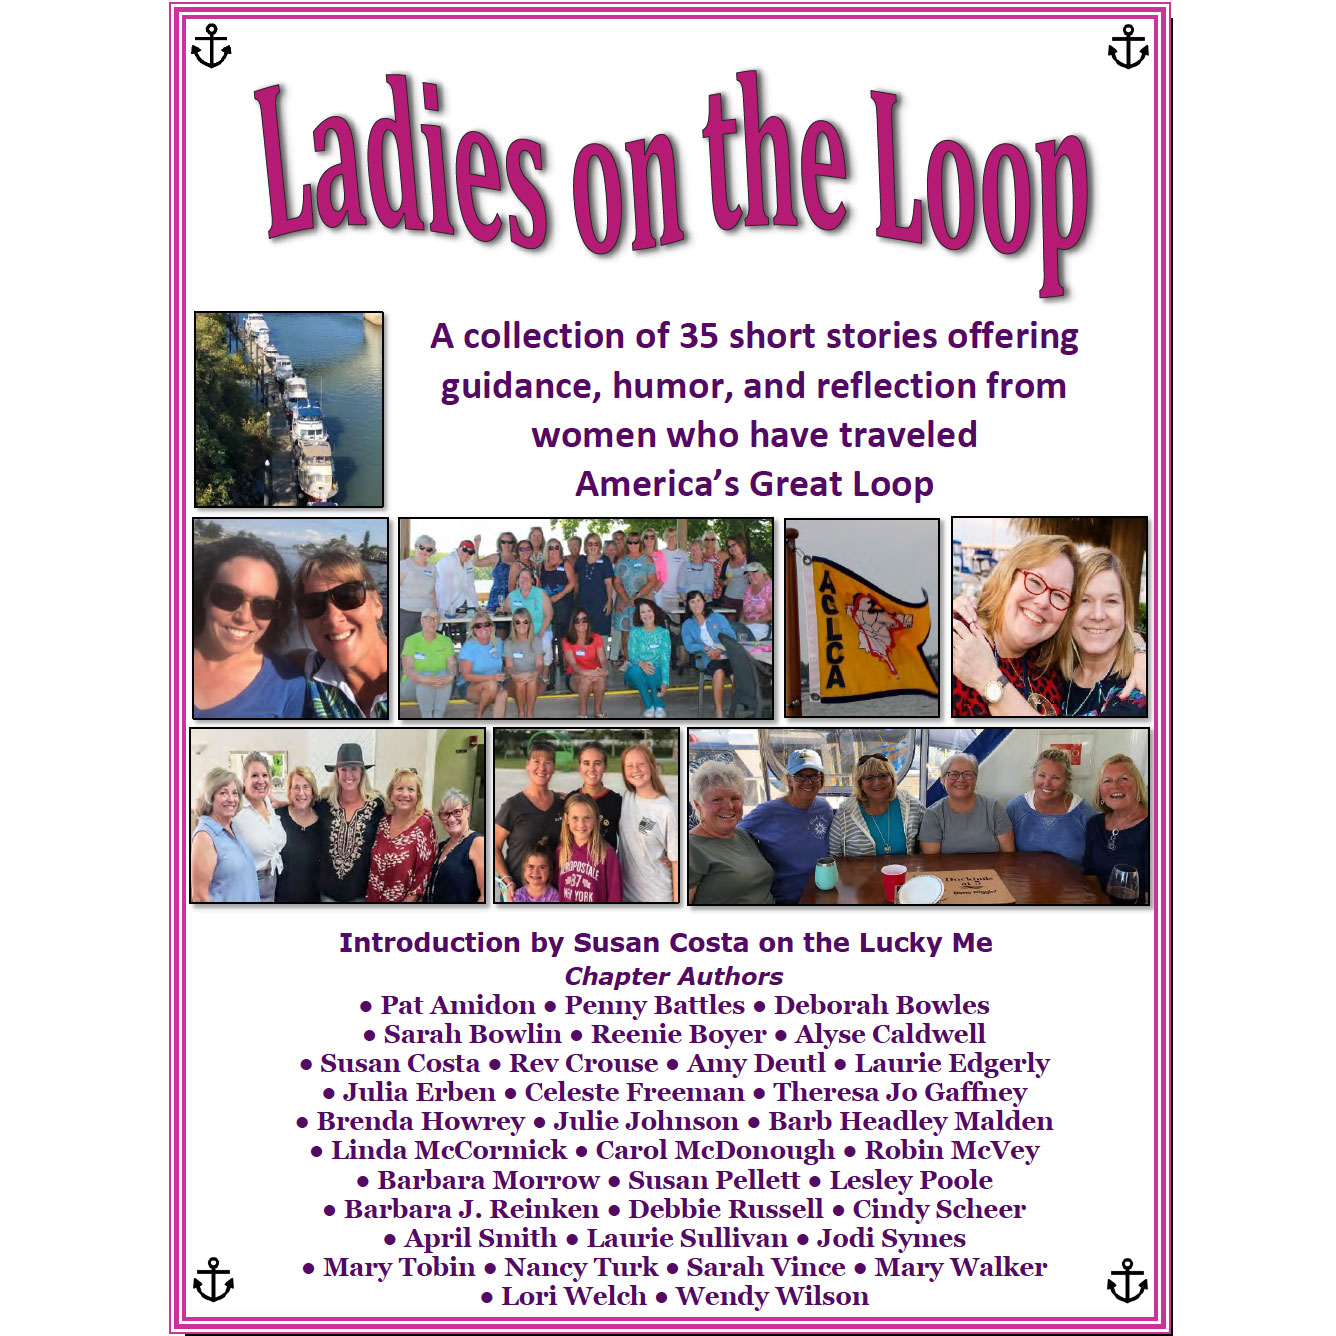 Ladies on the Loop